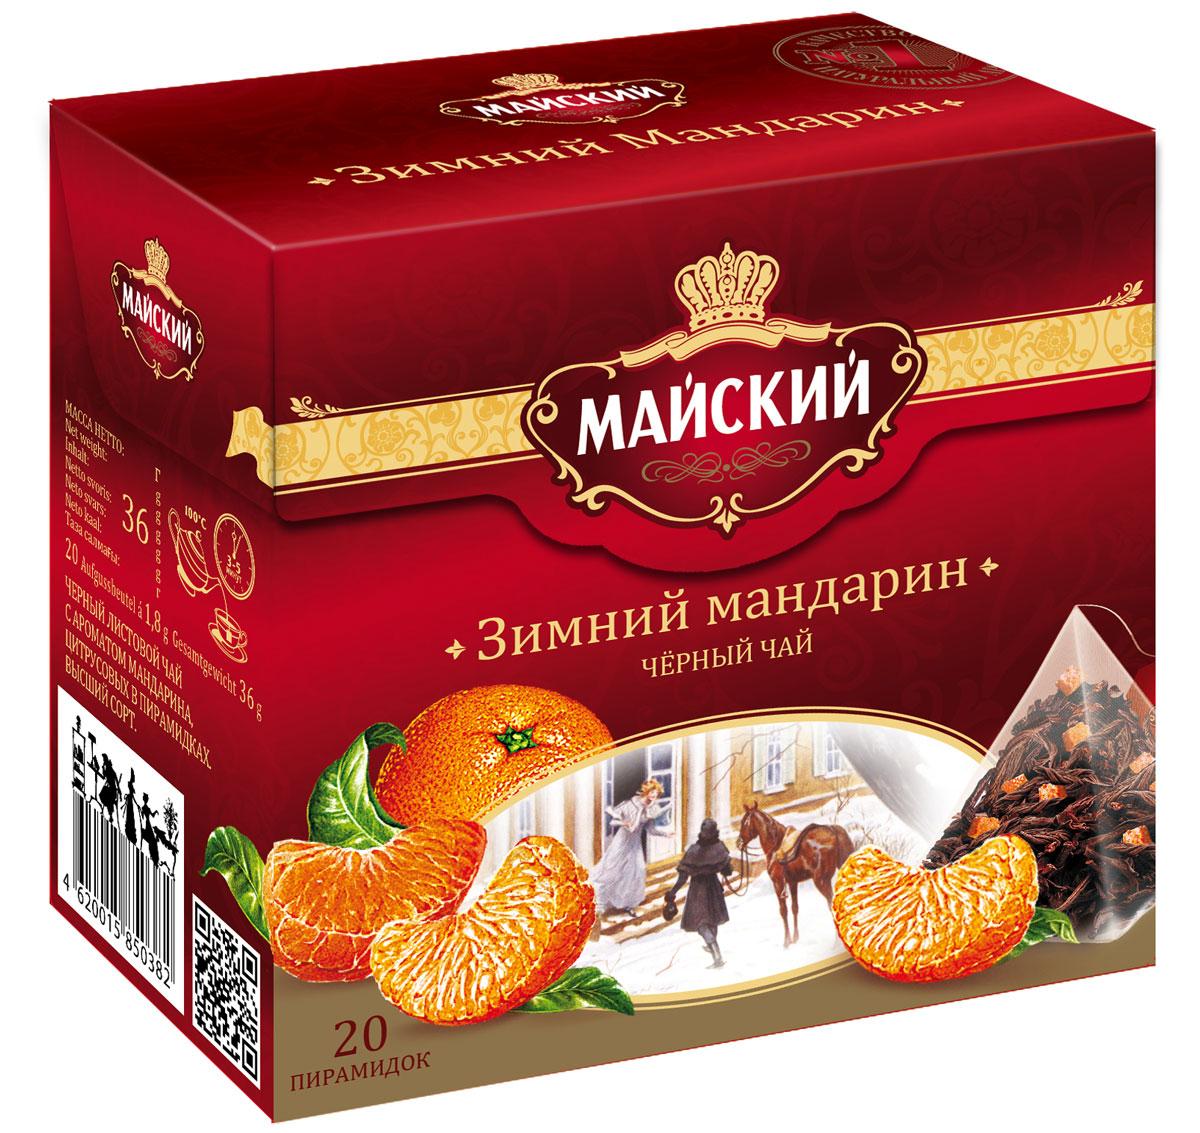 Майский Зимний Мандарин черный чай в пирамидках, 20 шт майский лесные ягоды черный чай в пирамидках 20 шт